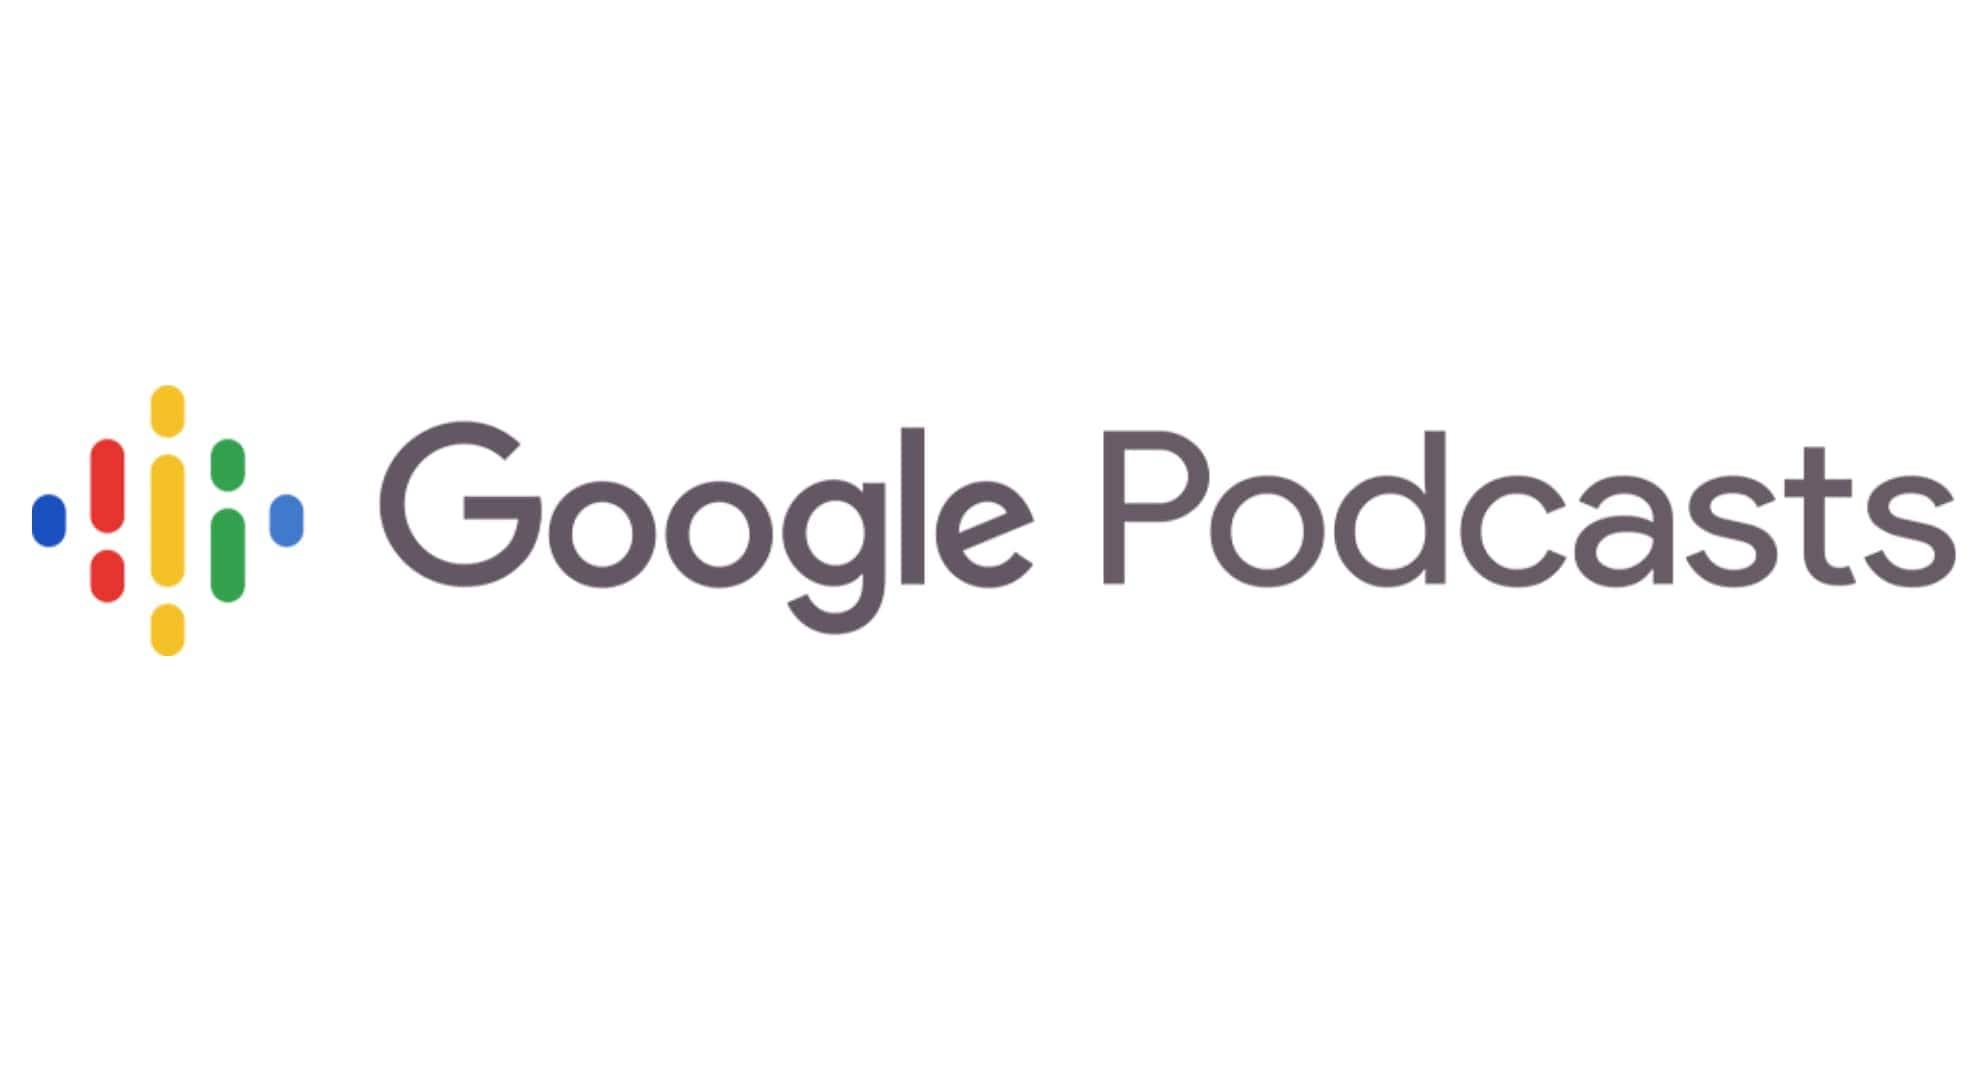 Google Podcasts web inizia finalmente ad andare per la strada giusta, ma la meta resta lontana (foto)